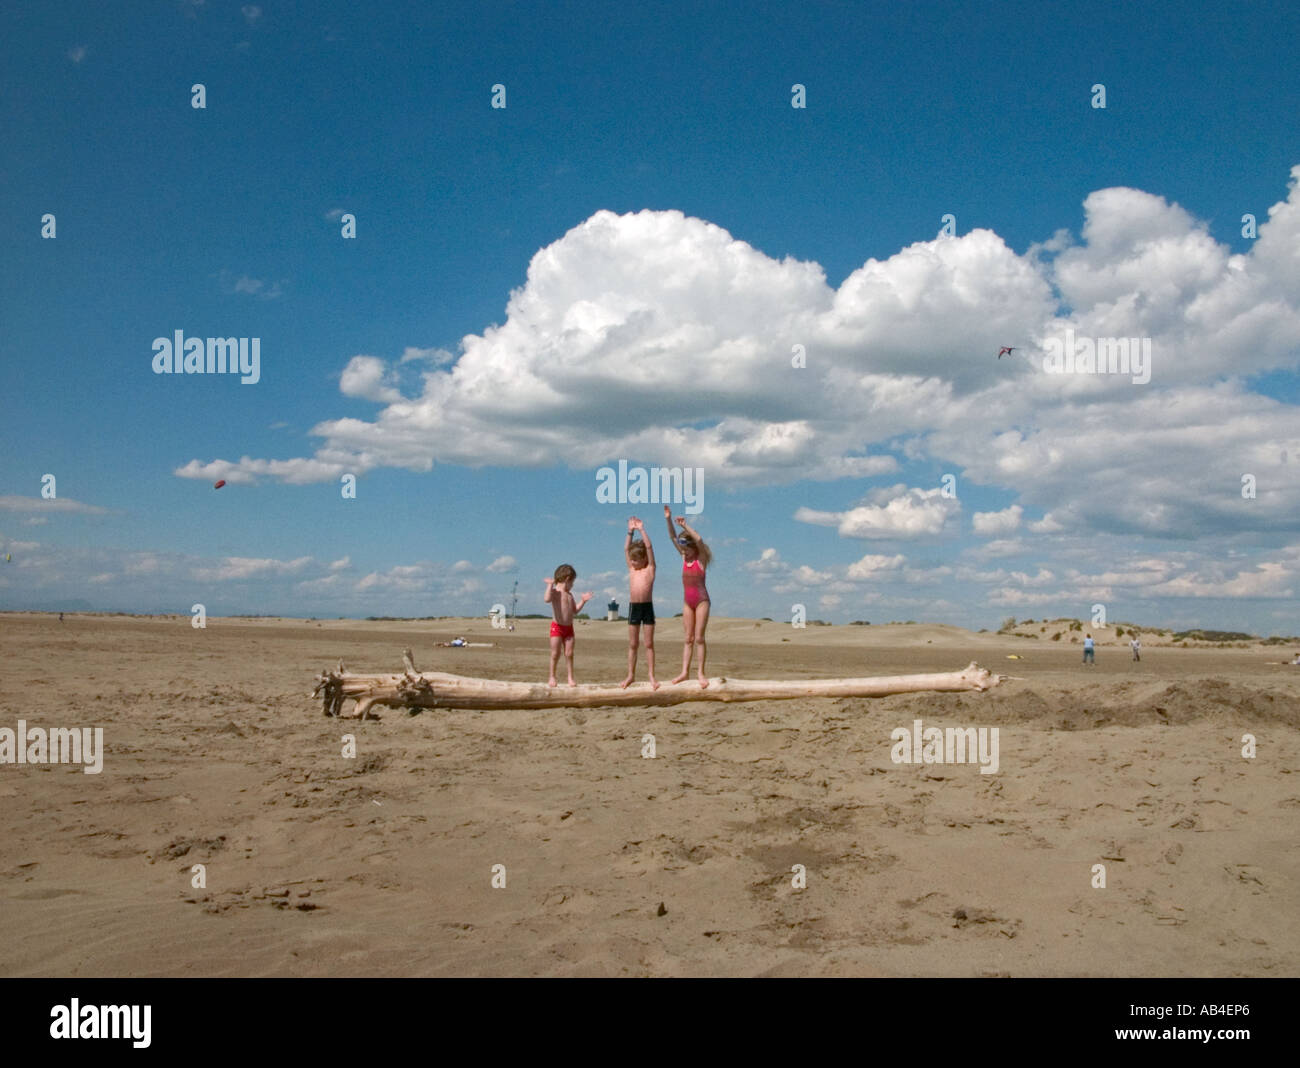 Drei Kinder spielen auf einer gewaschenen bis Baumstamm in der Camargue, Frankreich Stockbild